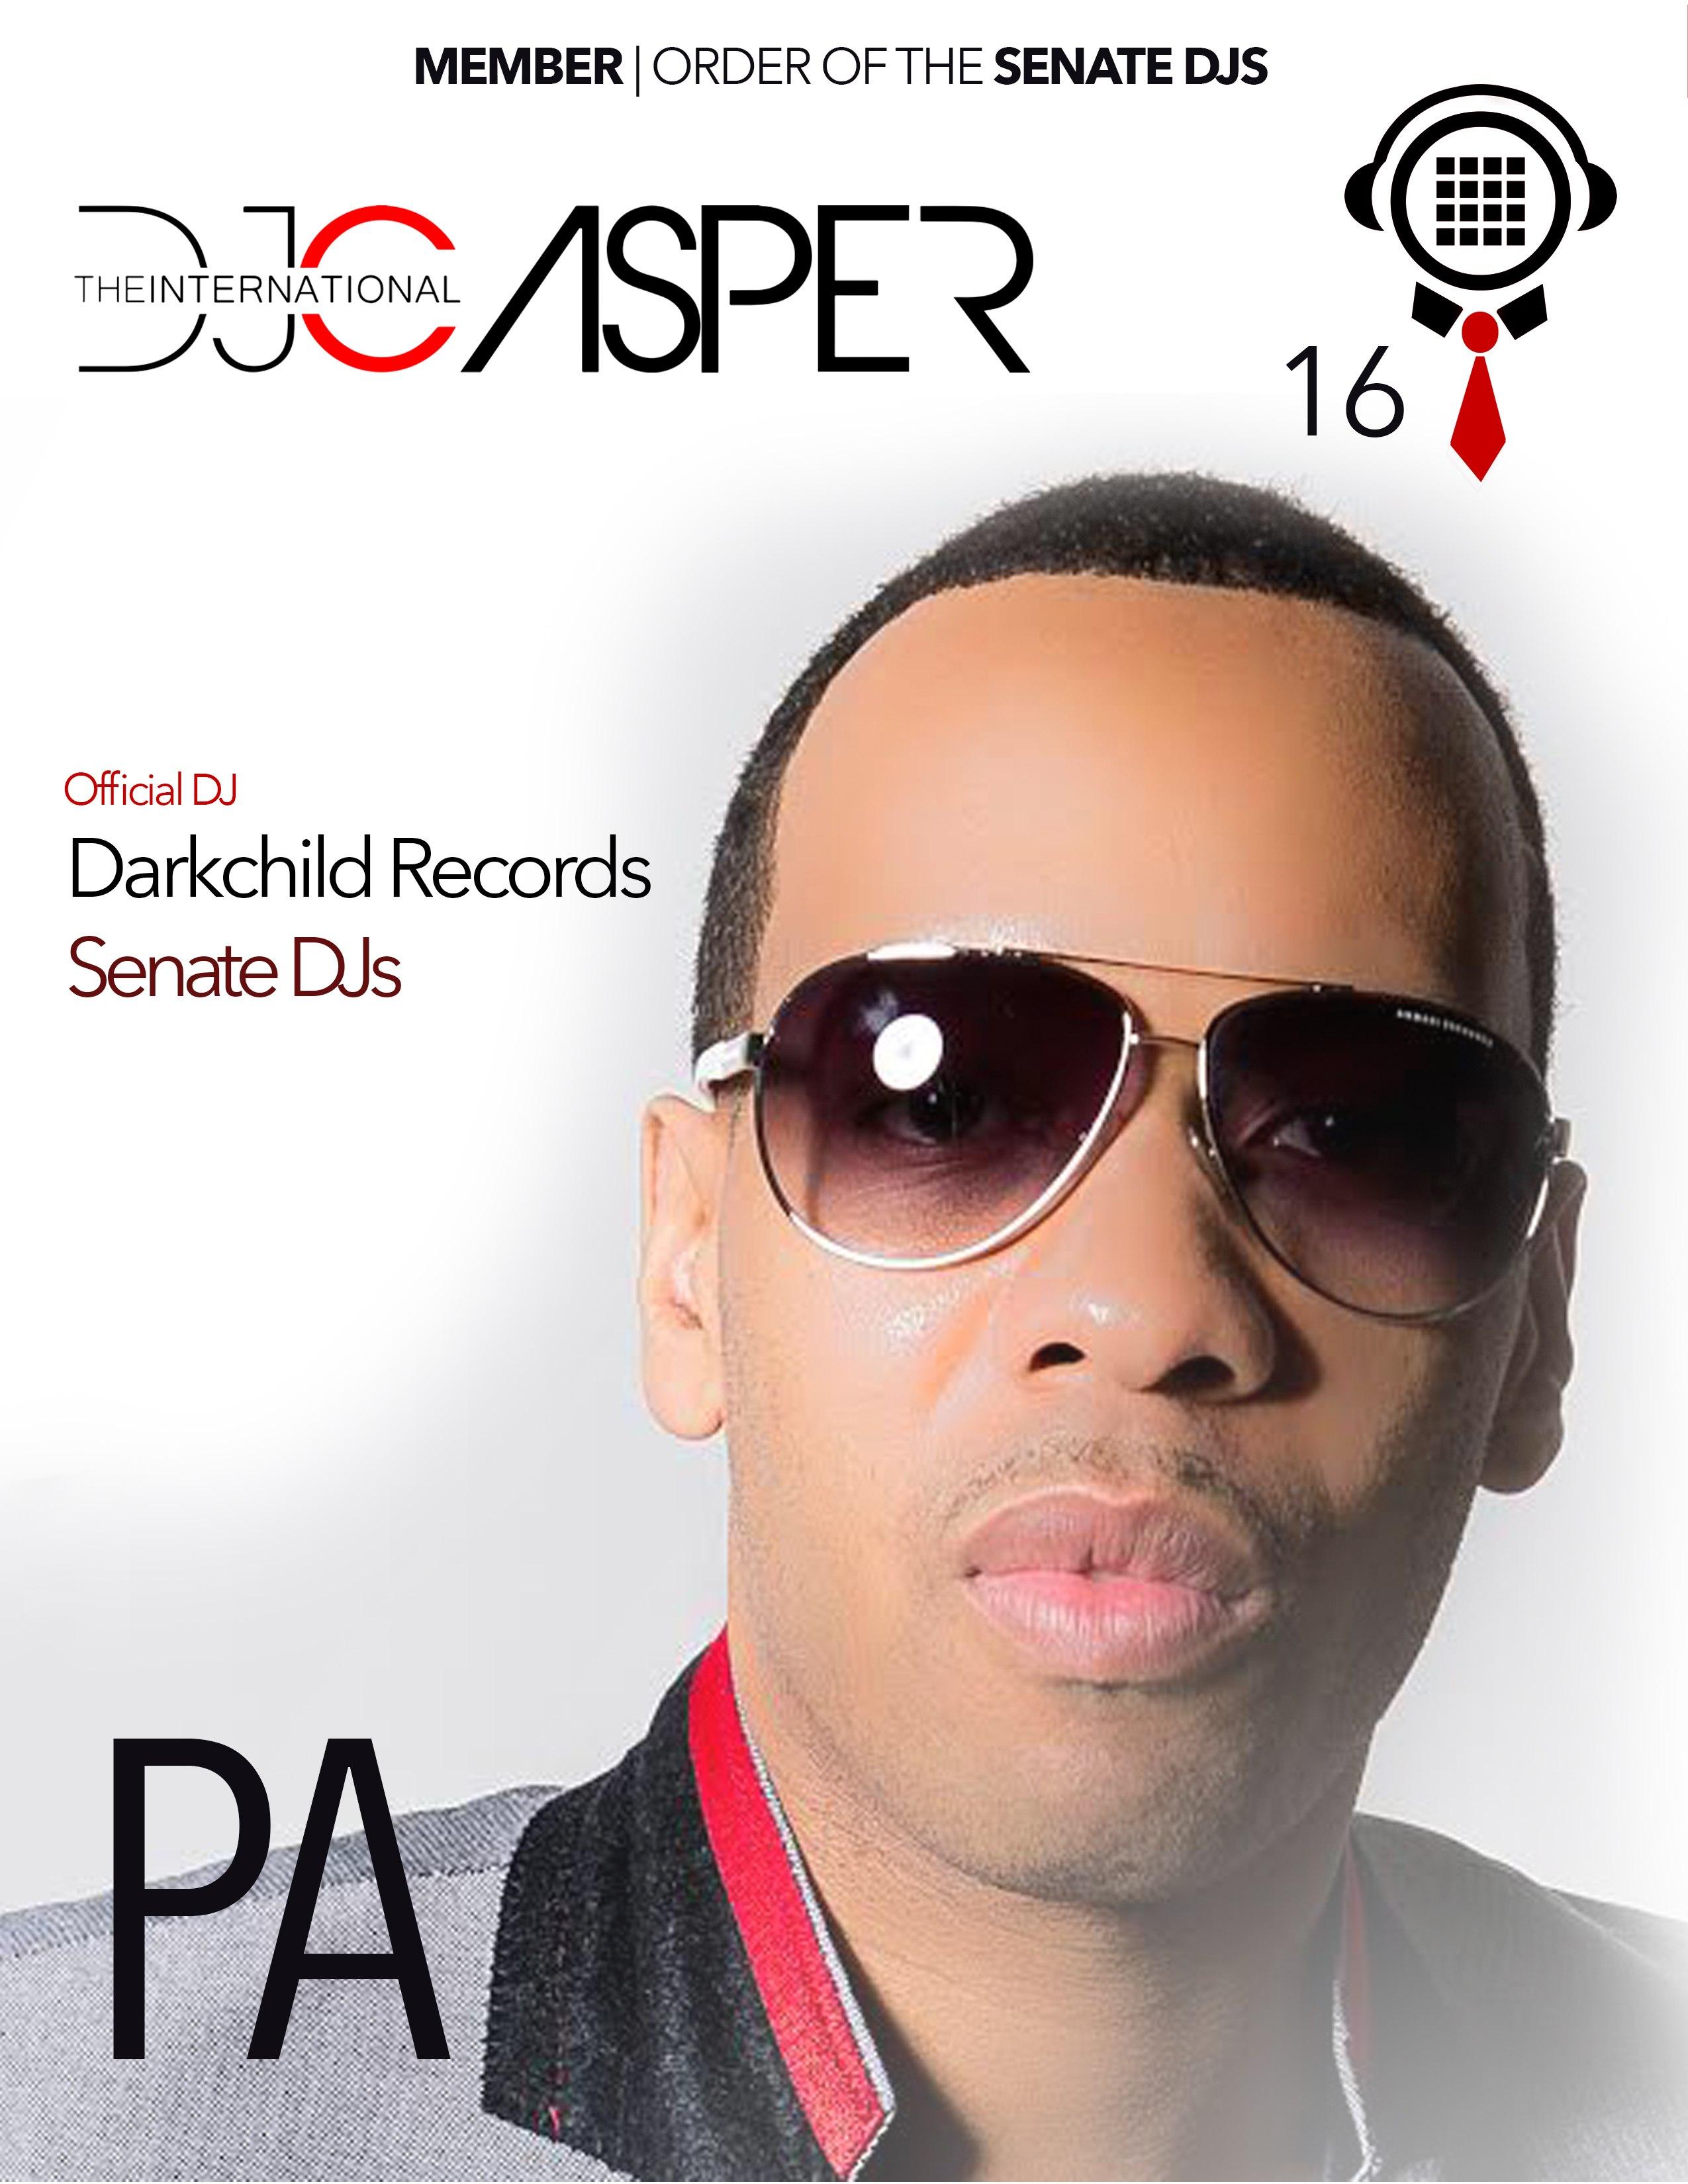 dj casper- darkchild-records